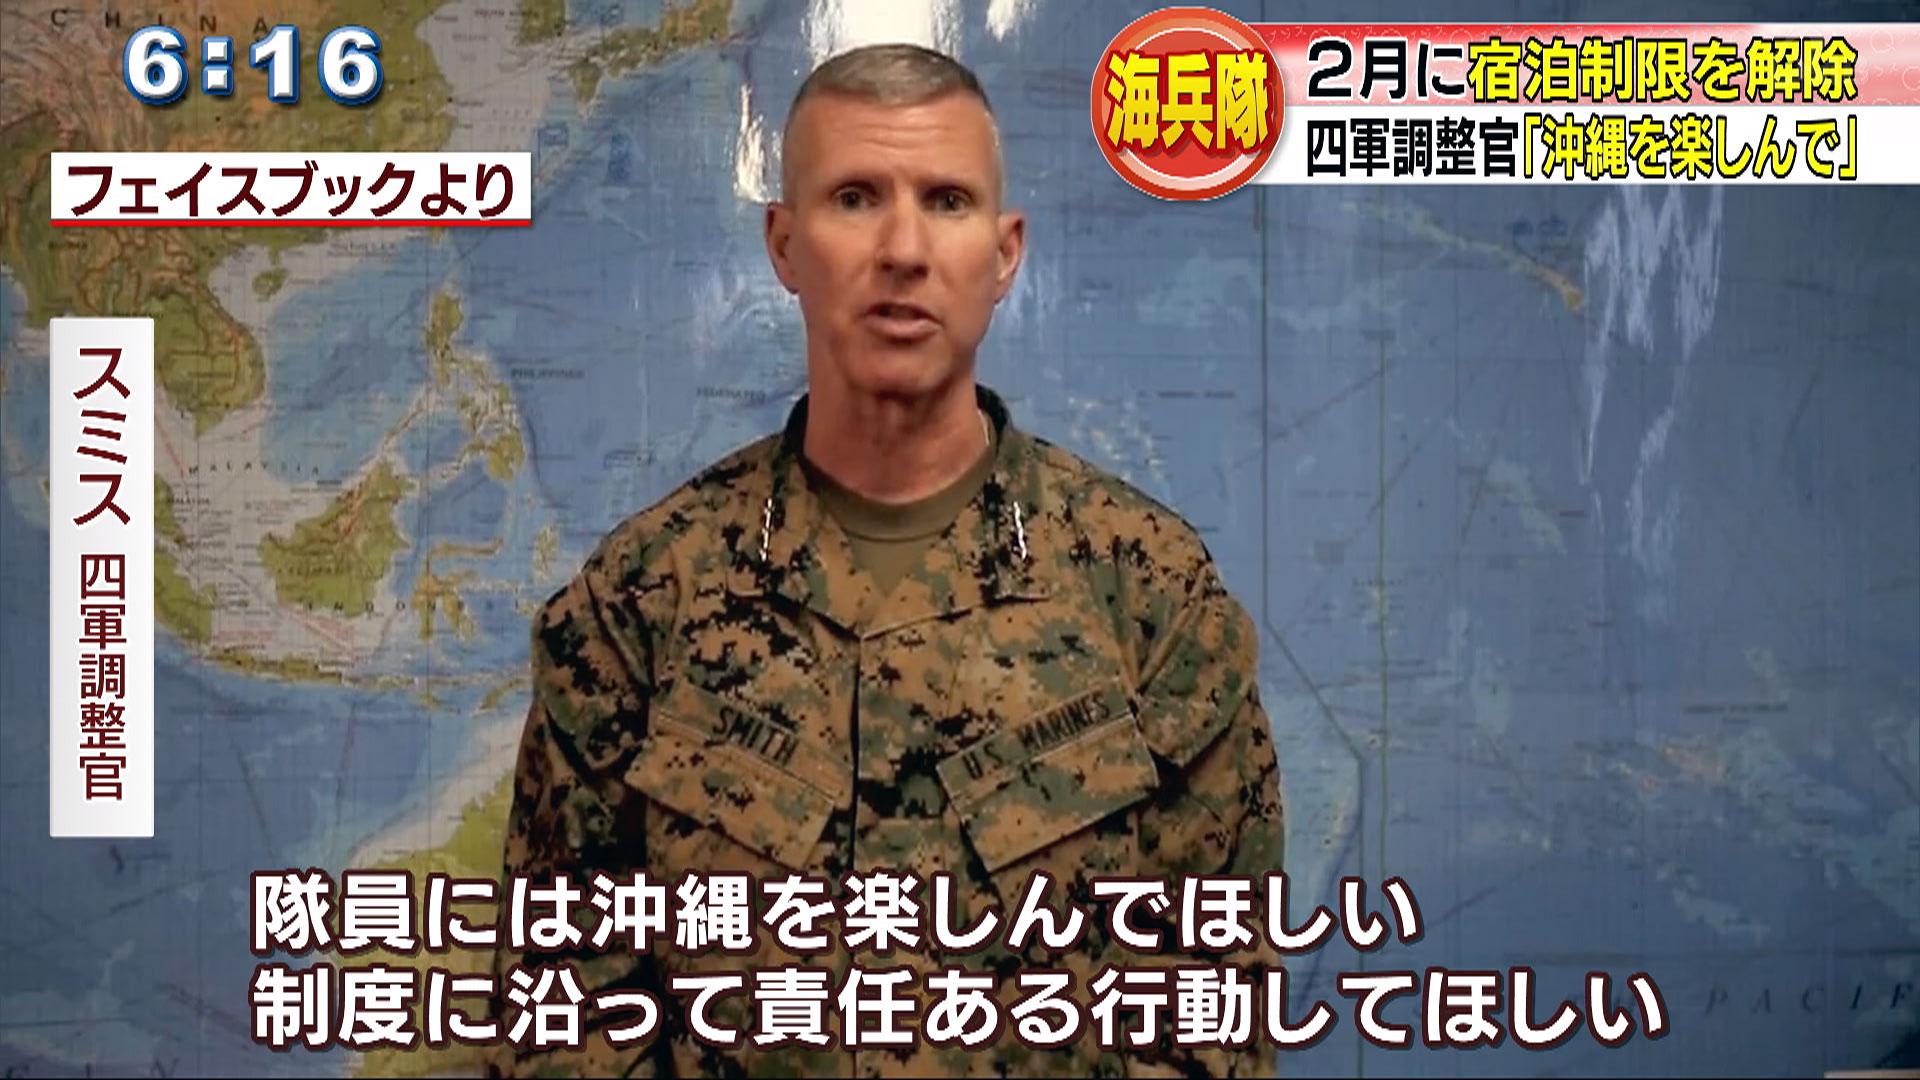 米海兵隊 宿泊制限を解除